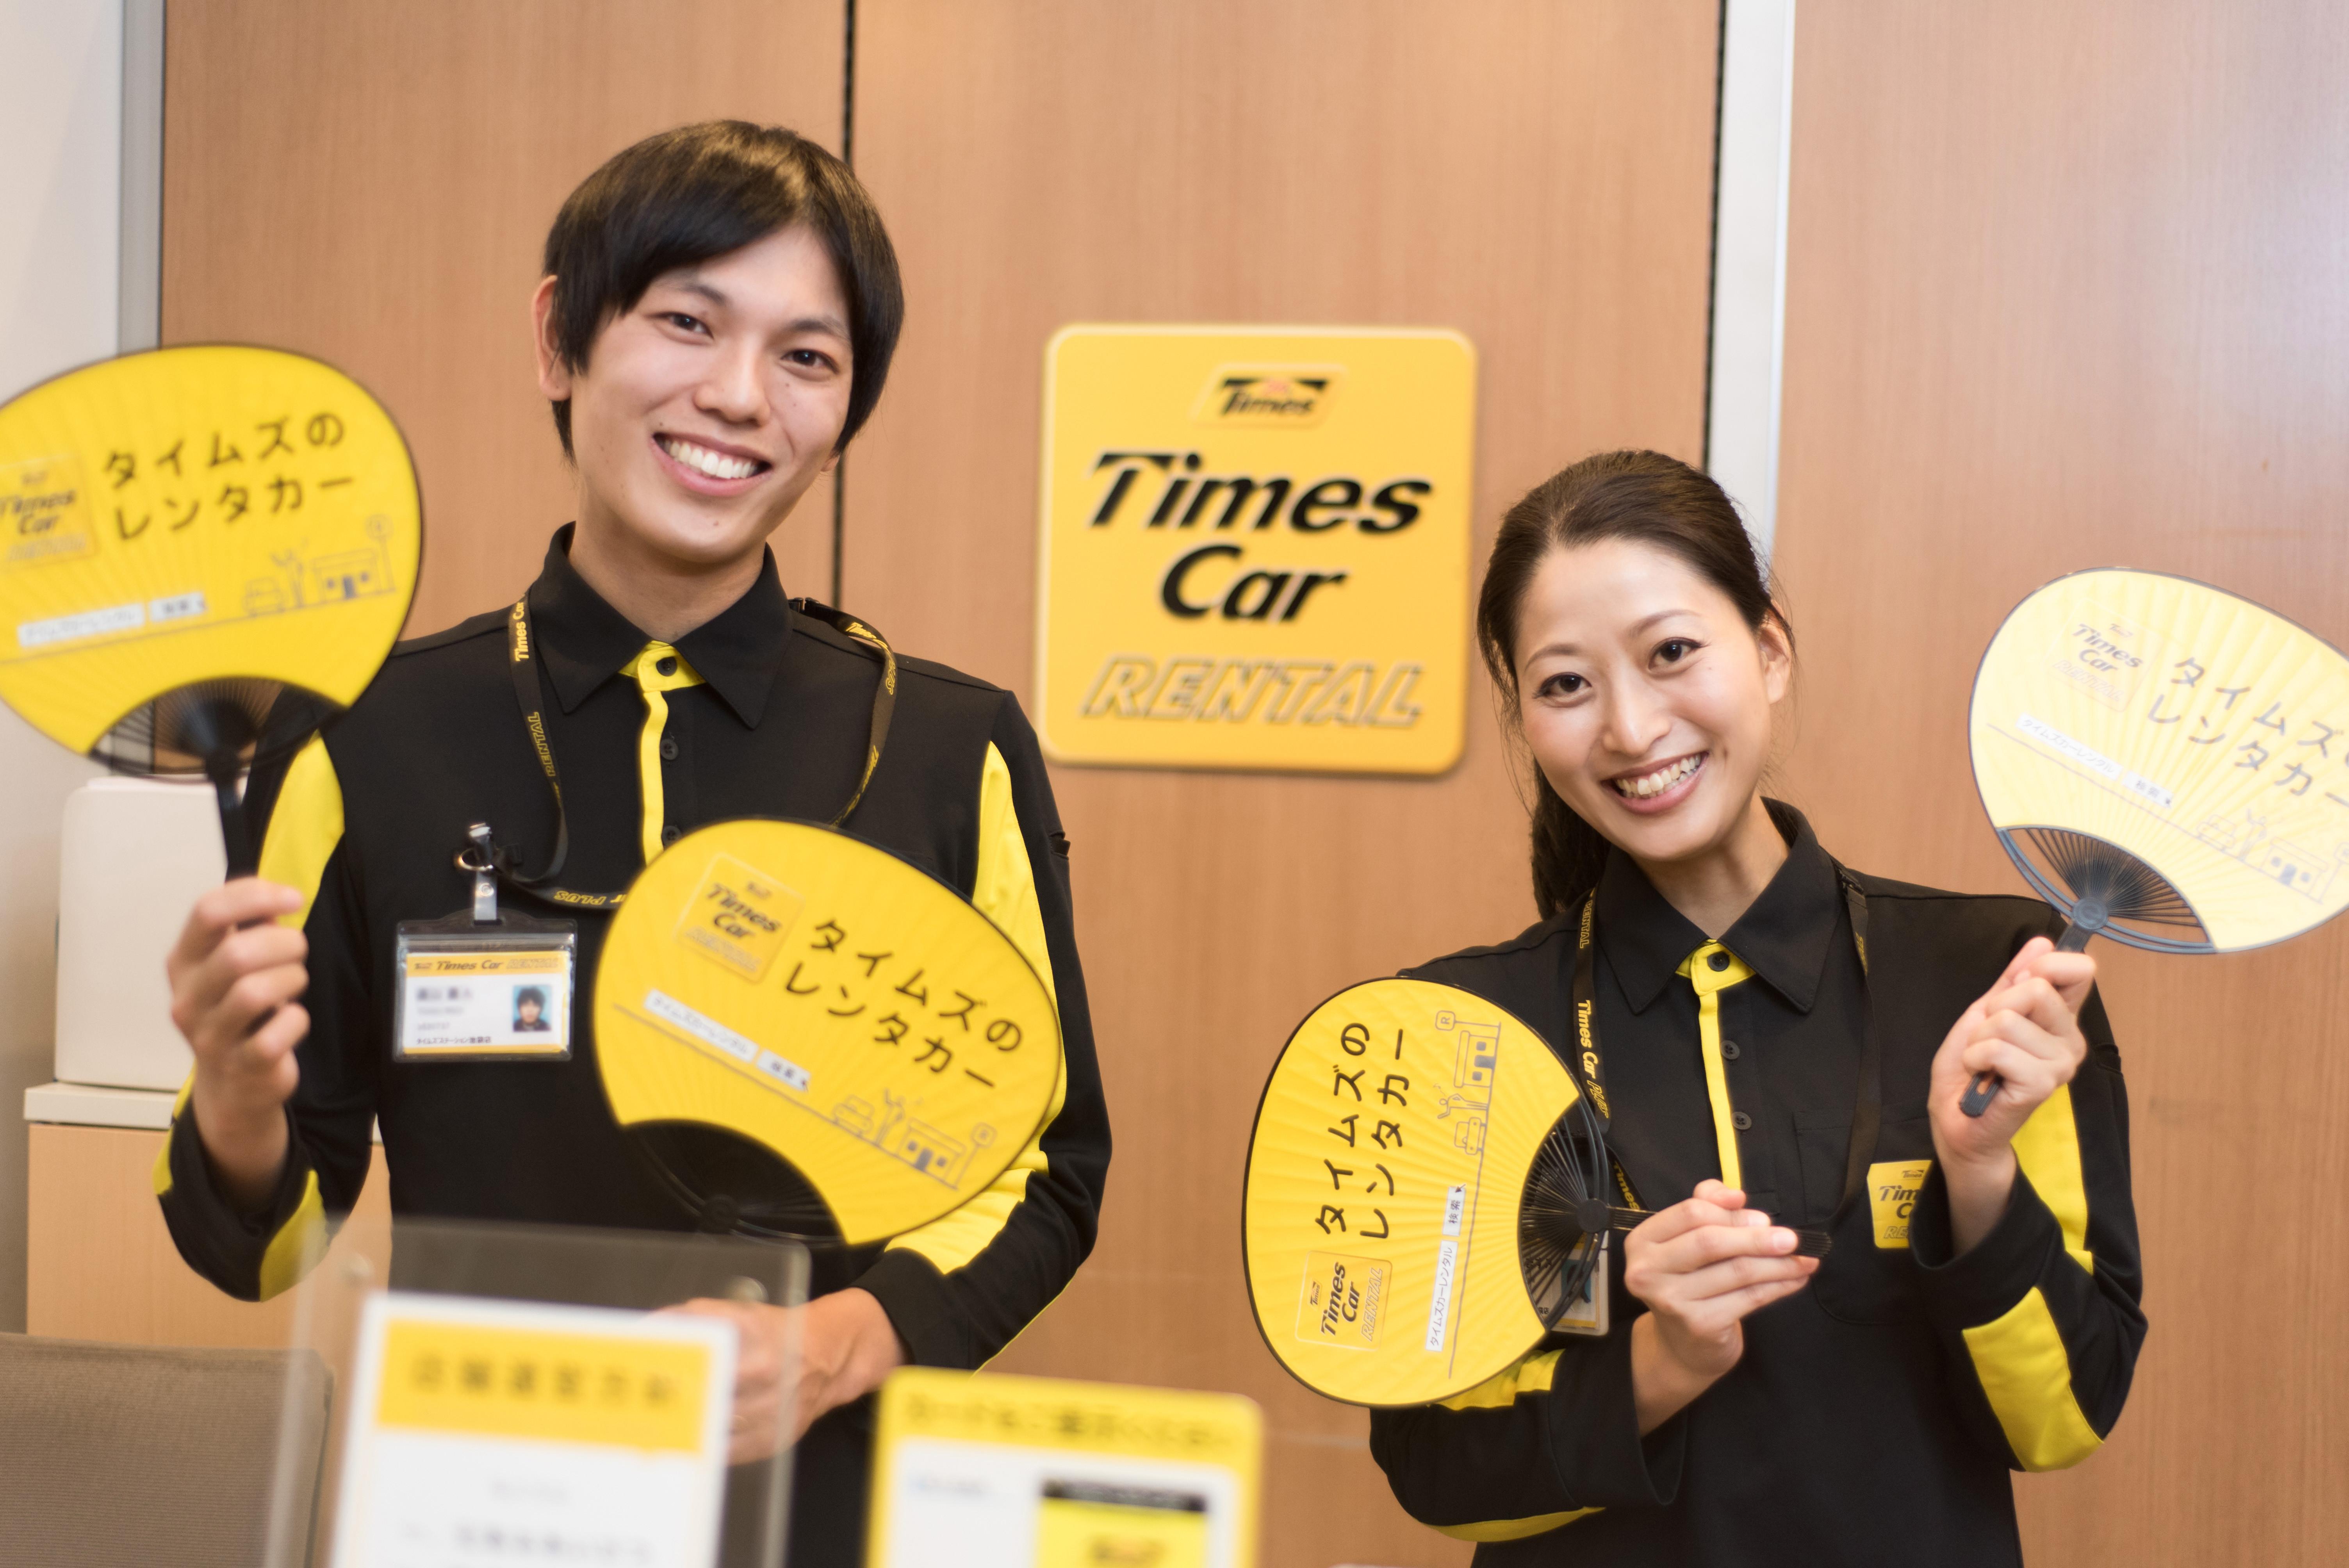 タイムズカーレンタル 羽田店 のアルバイト情報